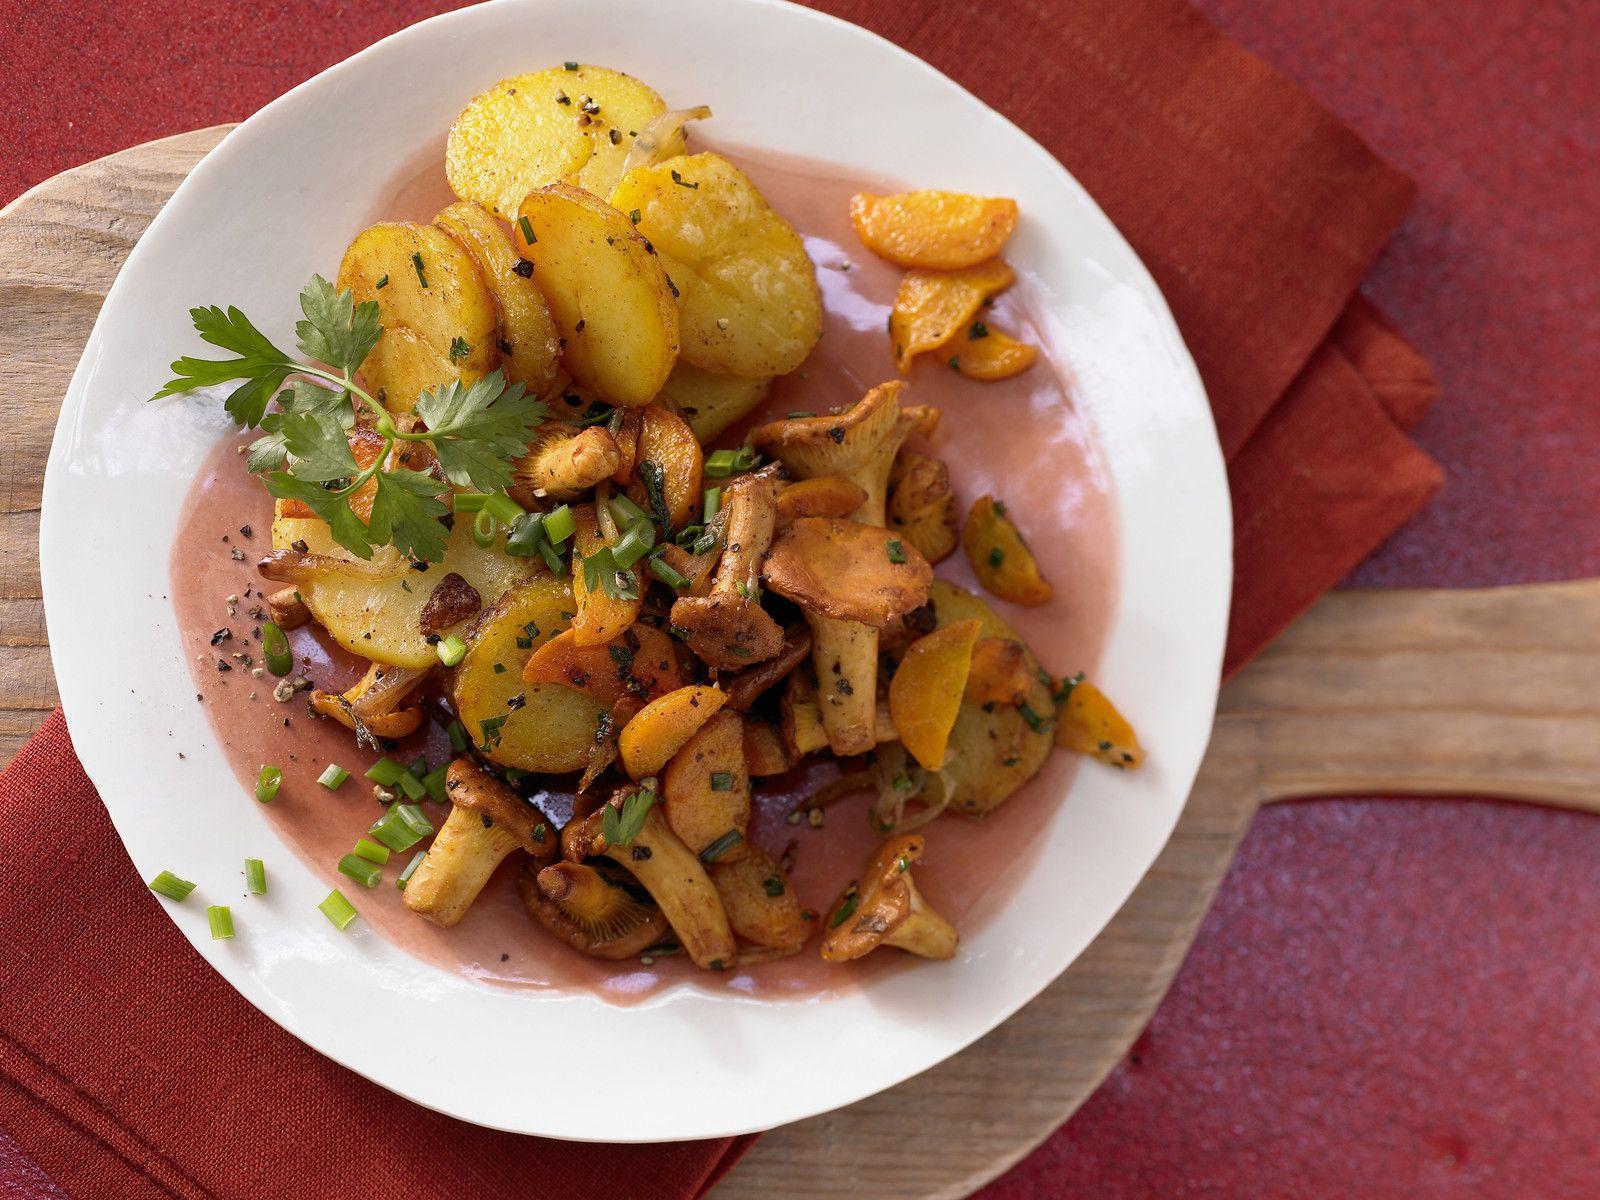 Schnelle vegane küche  Pfifferling-Gröstl Rezept | EAT SMARTER